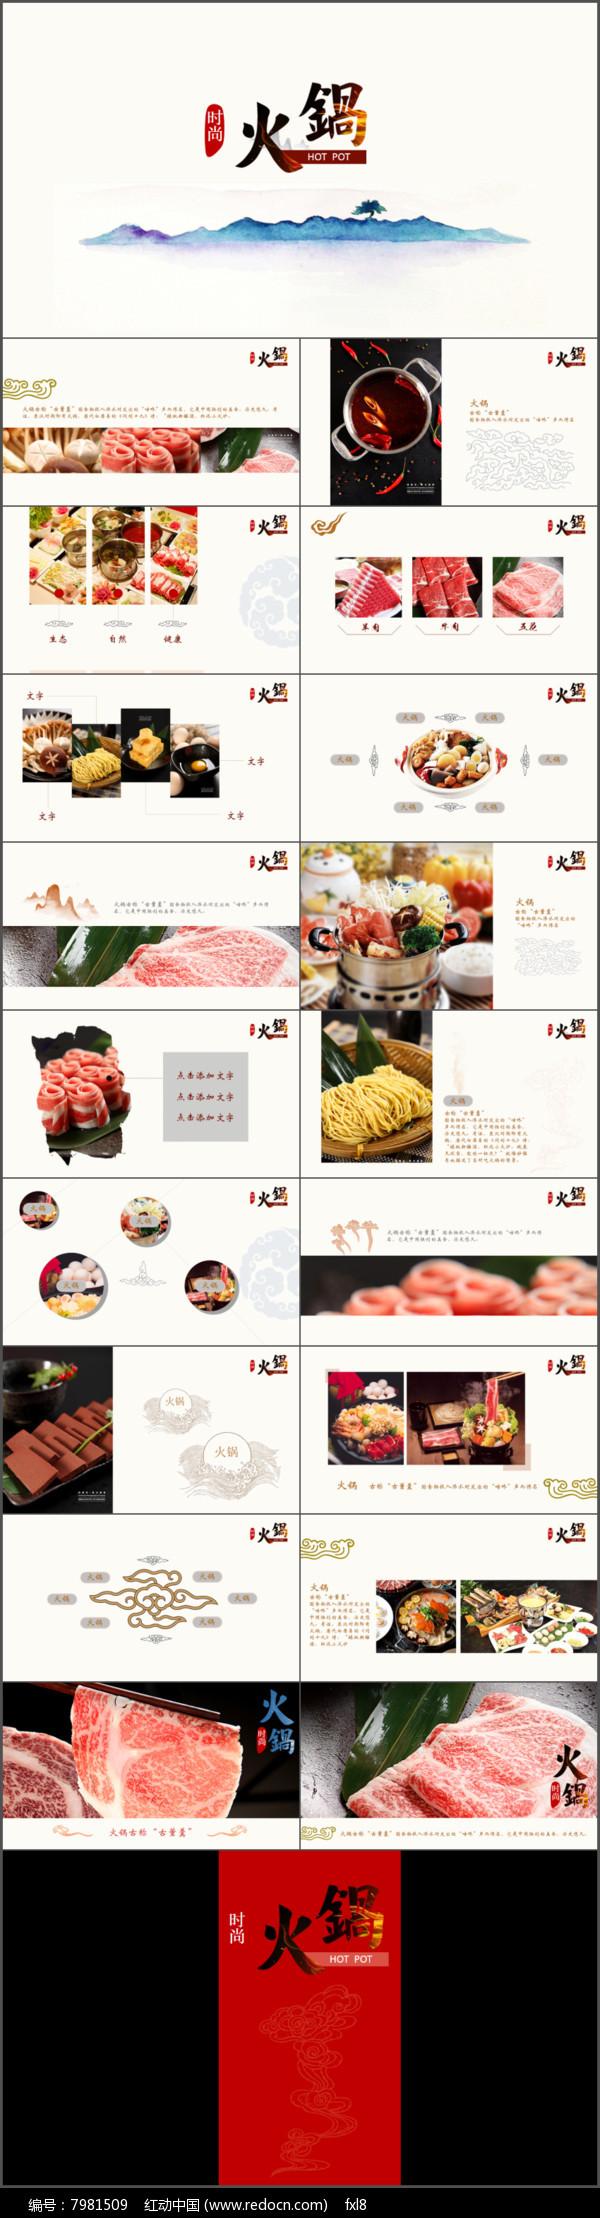 时尚餐饮火锅品牌宣传介绍动态PPT模板图片